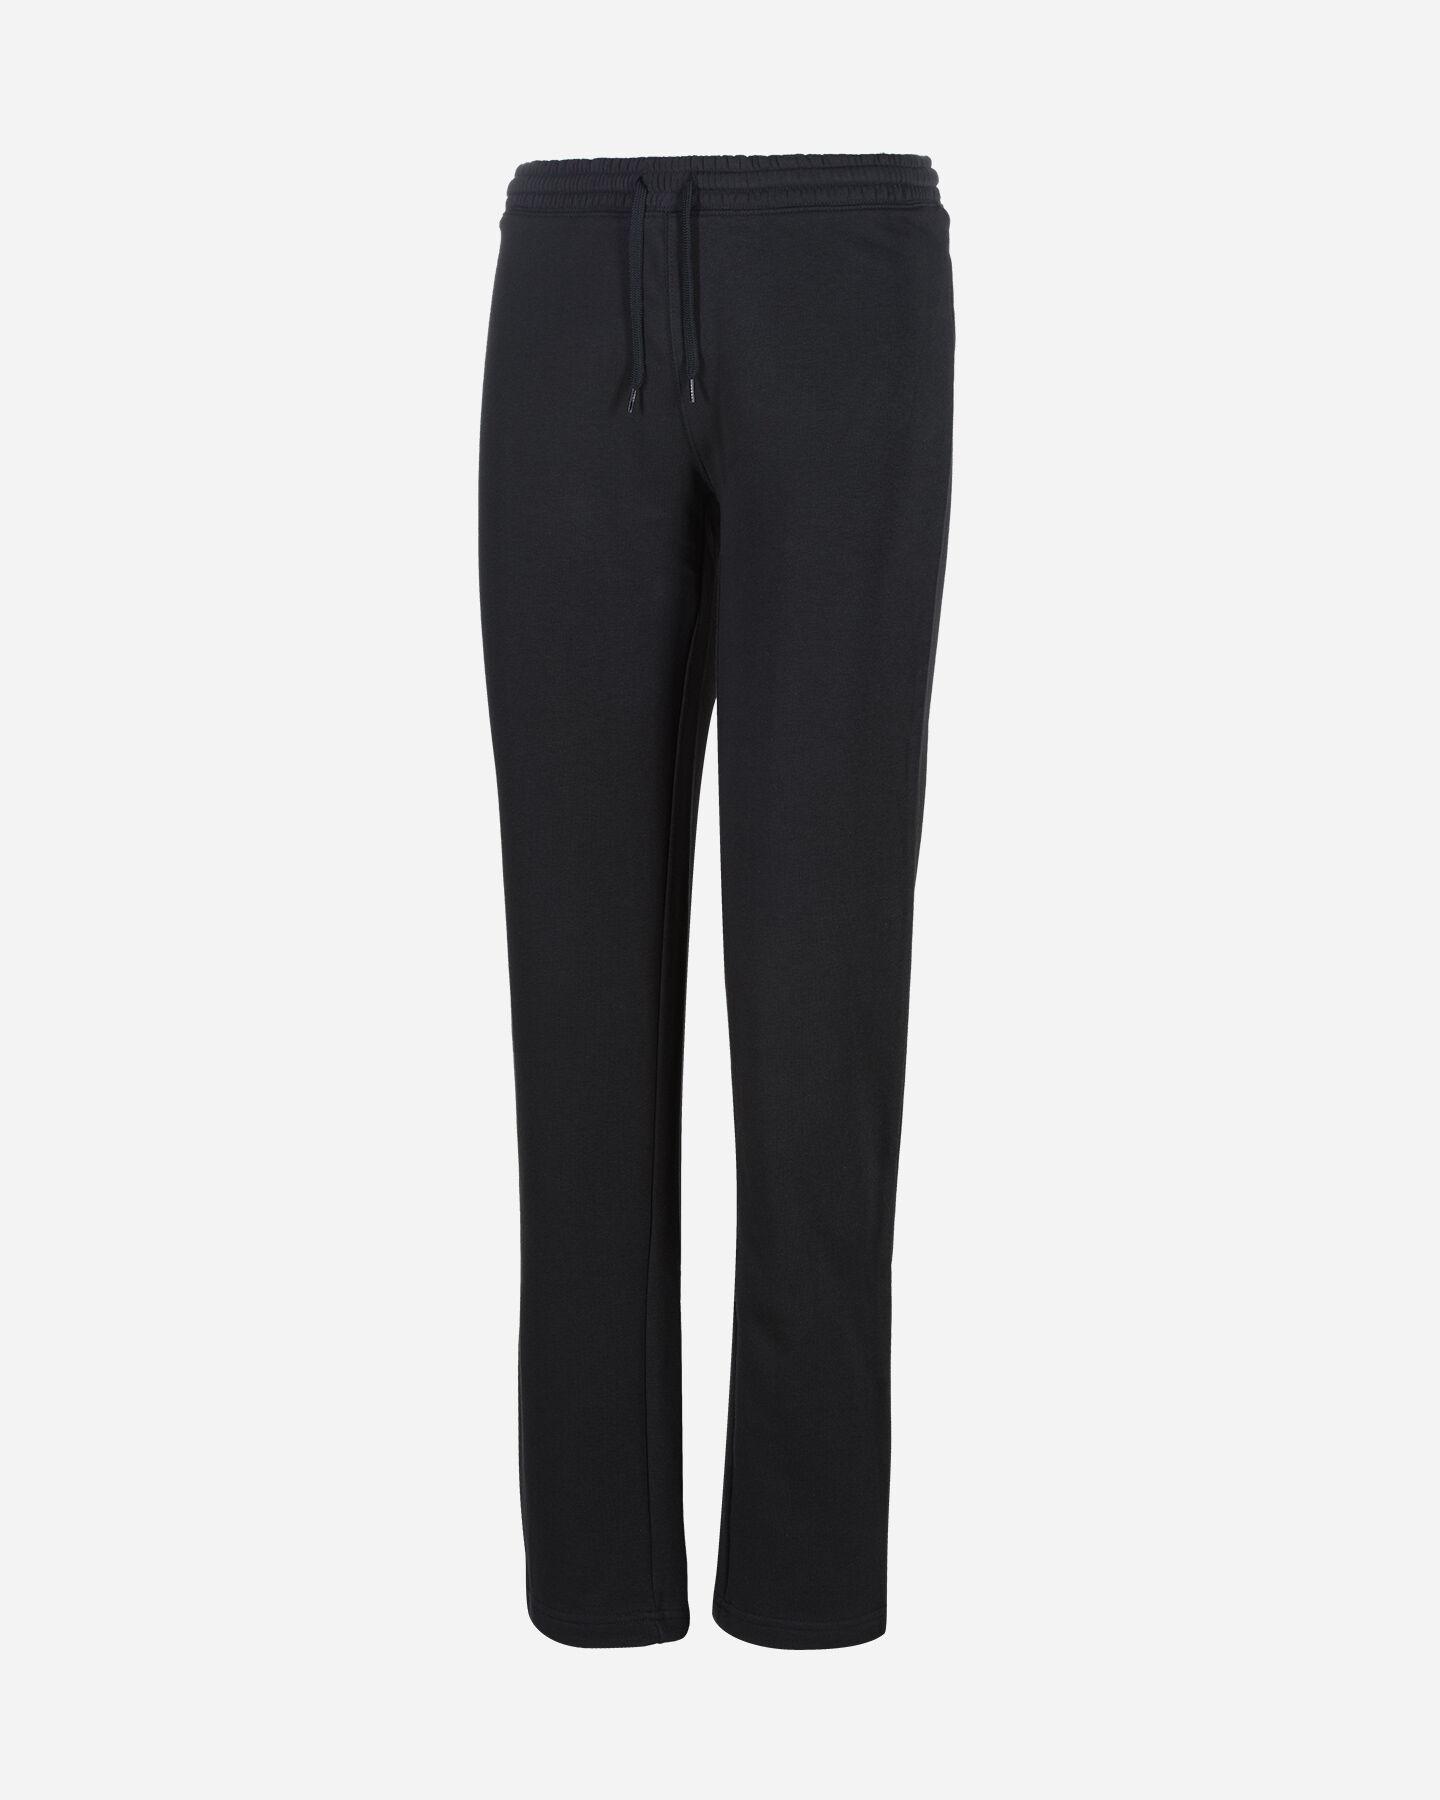 Pantalone ABC EMMA W S4011205 scatto 4